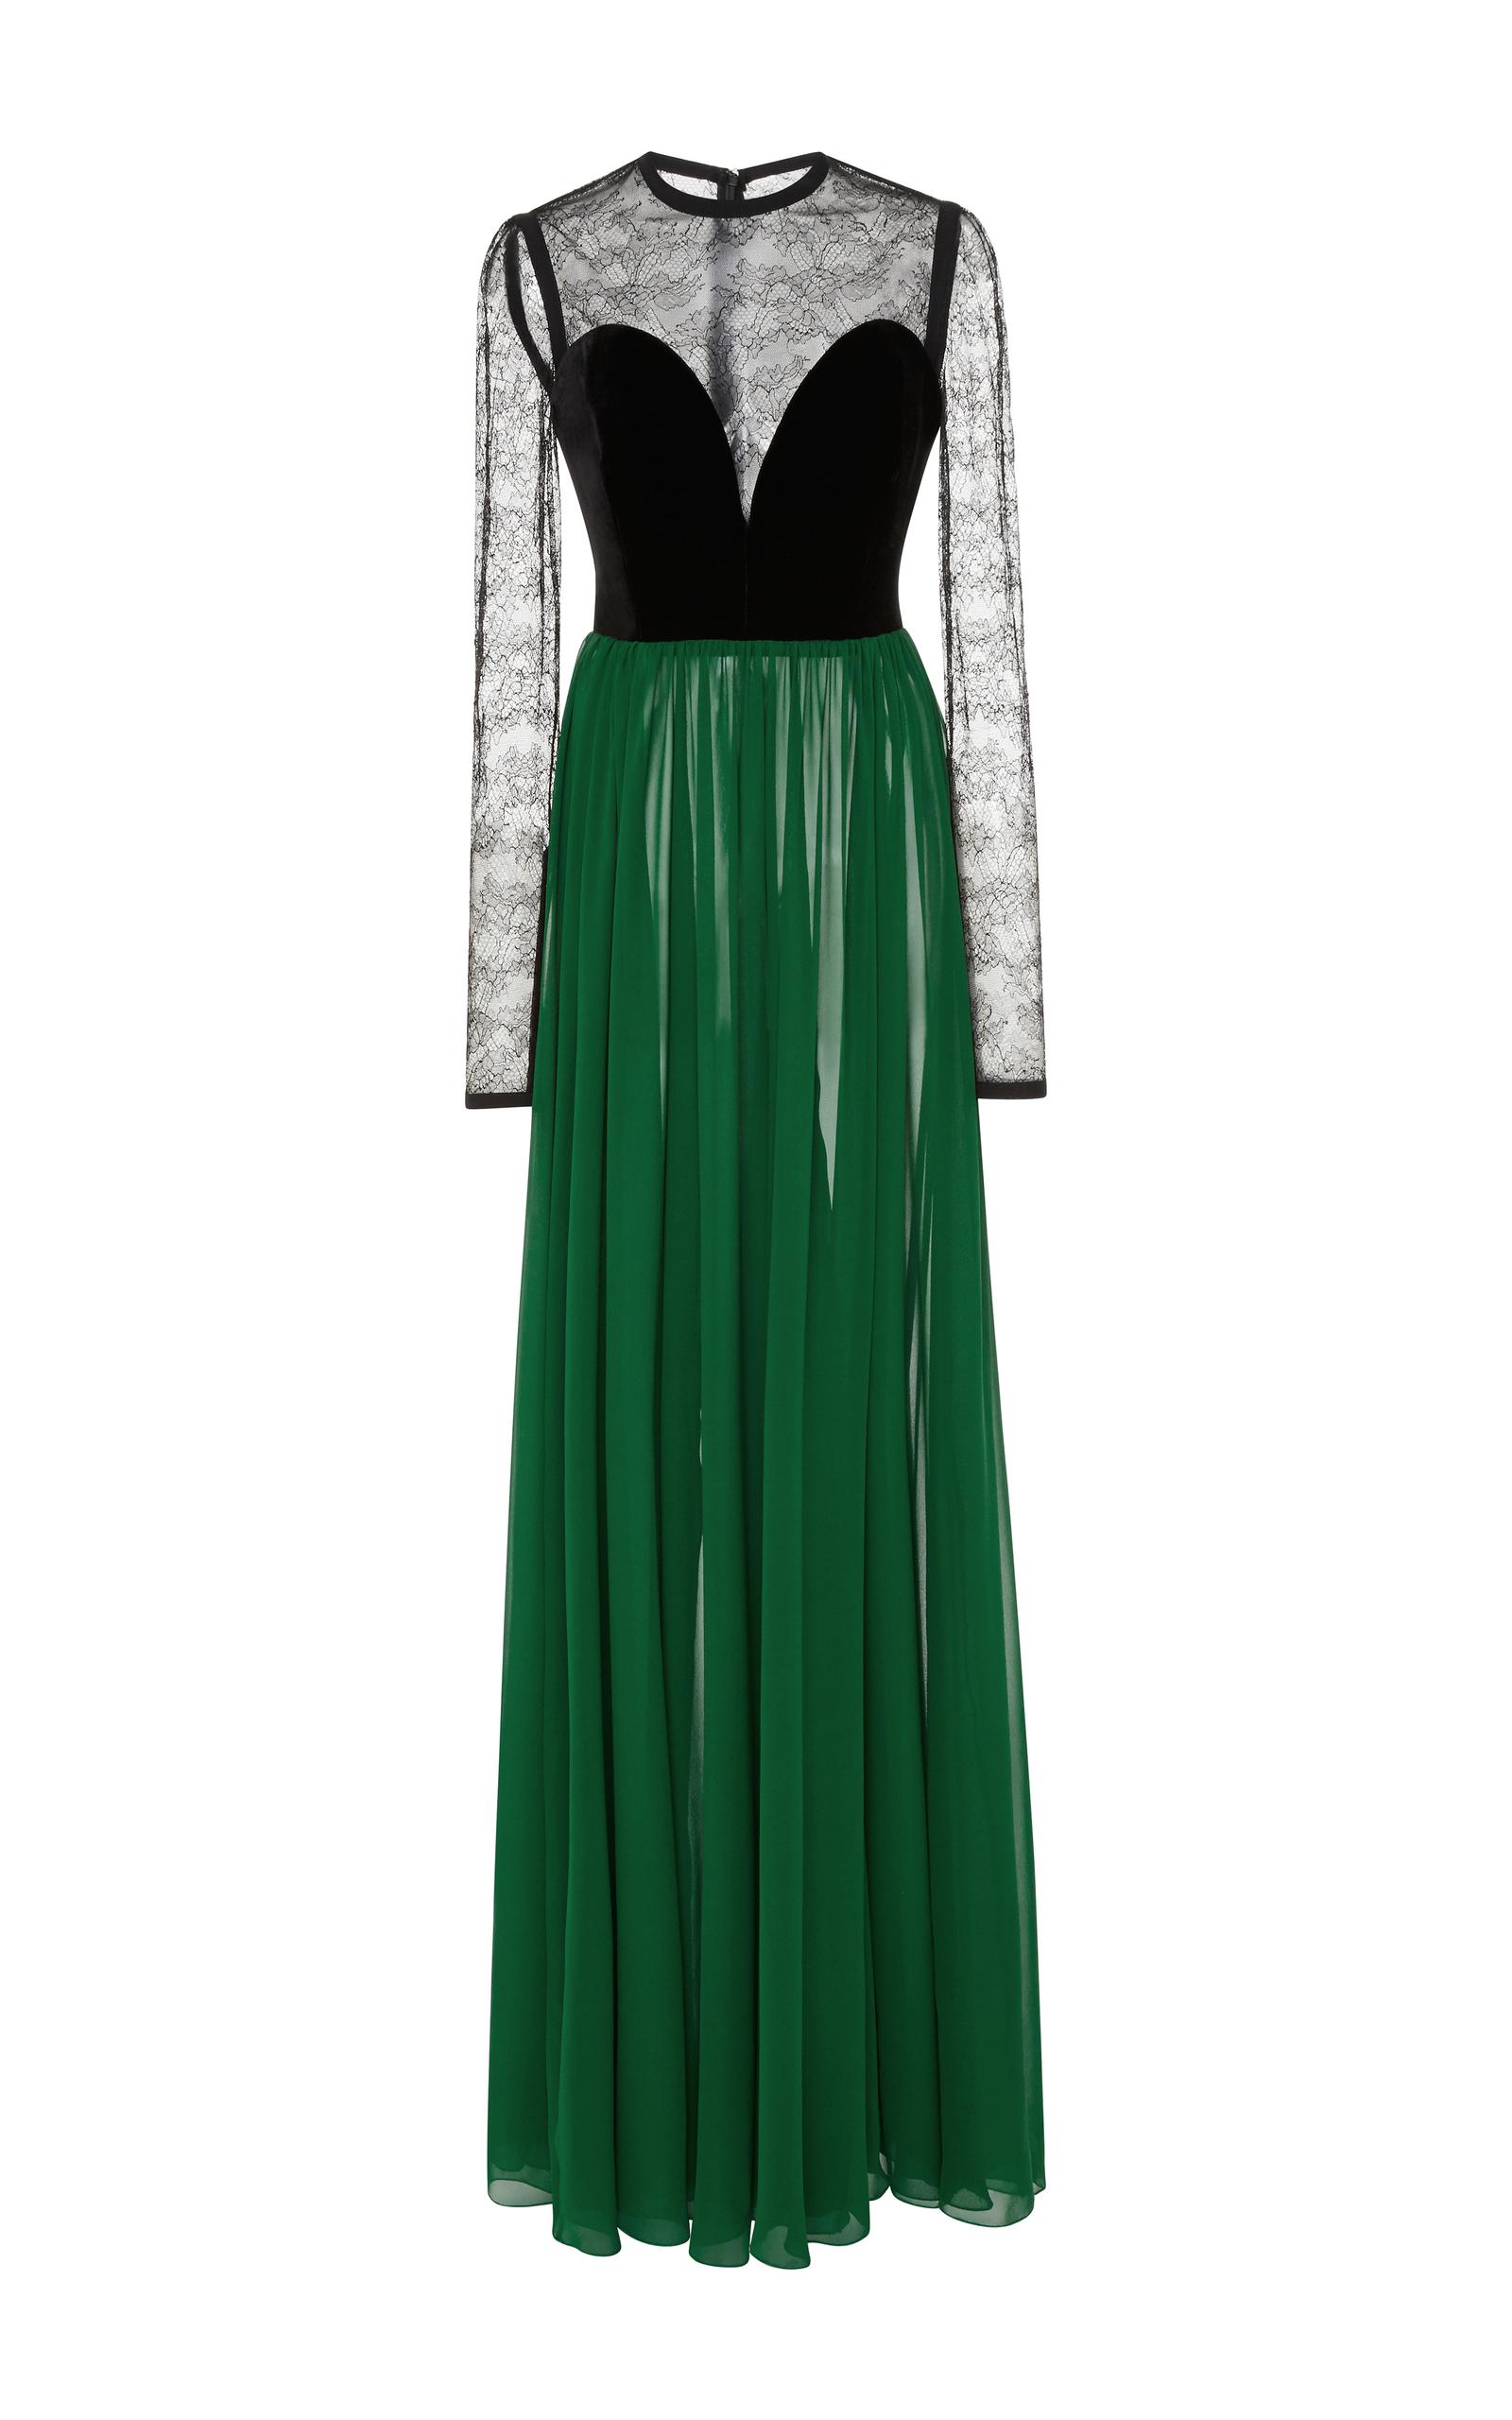 833e66994d4 Elie SaabStrapless Velvet Dress. CLOSE. Loading